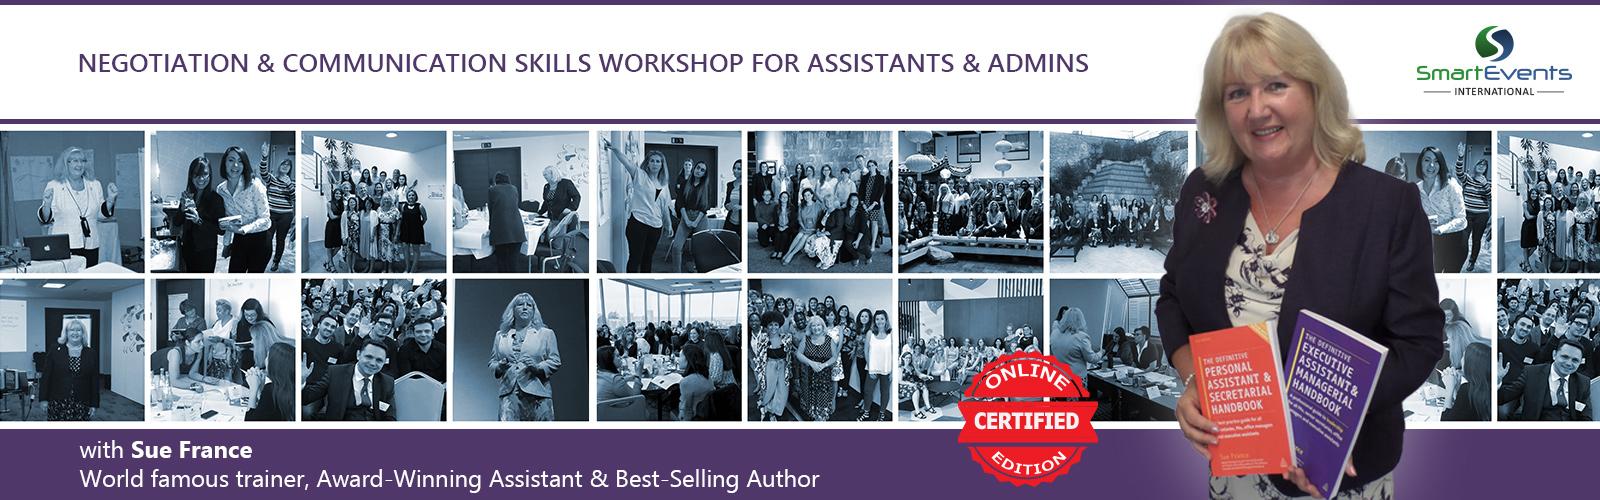 Negotiation & Communication Skills Workshop for Assistants & Admins